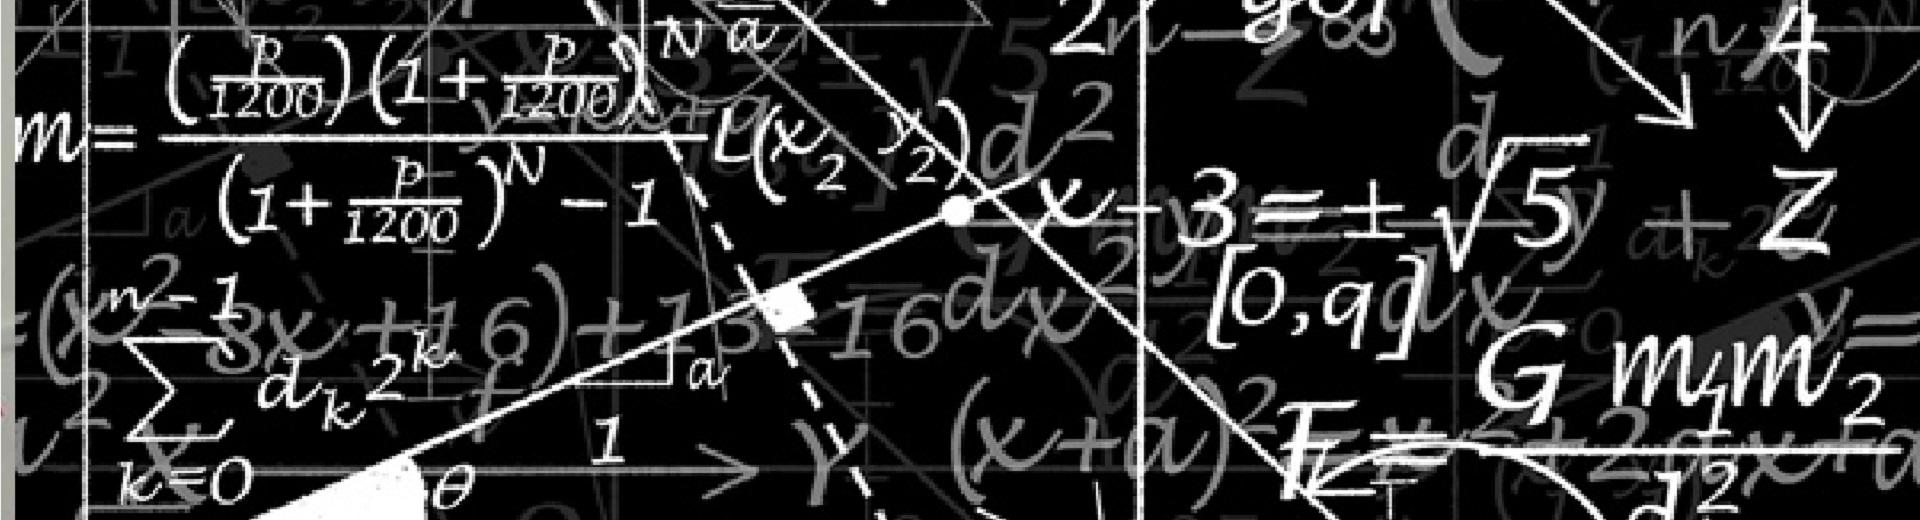 Портал КФУ \ Образование \ Институт физики \ Наука \ Диссертационные советы